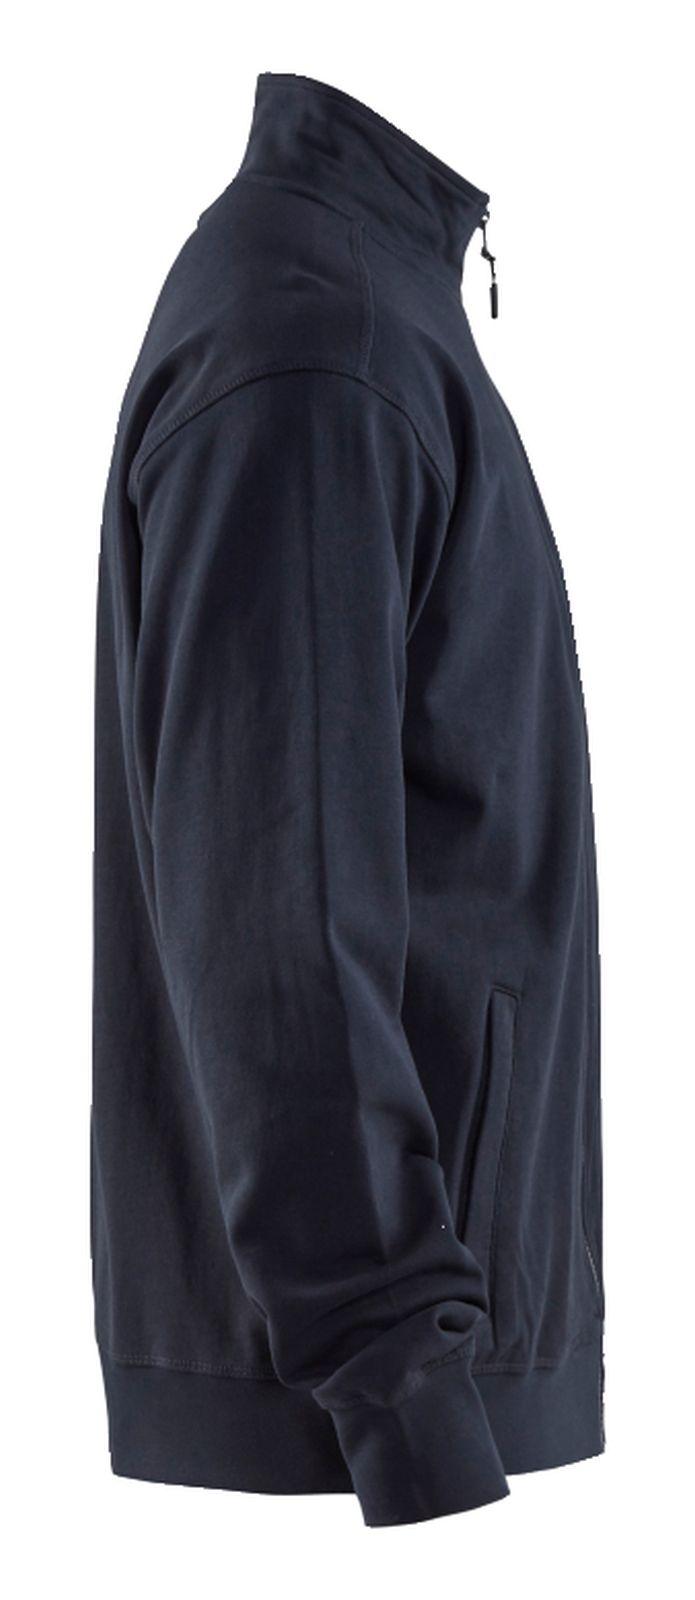 Blaklader Vesten 33711158 marineblauw(8600)